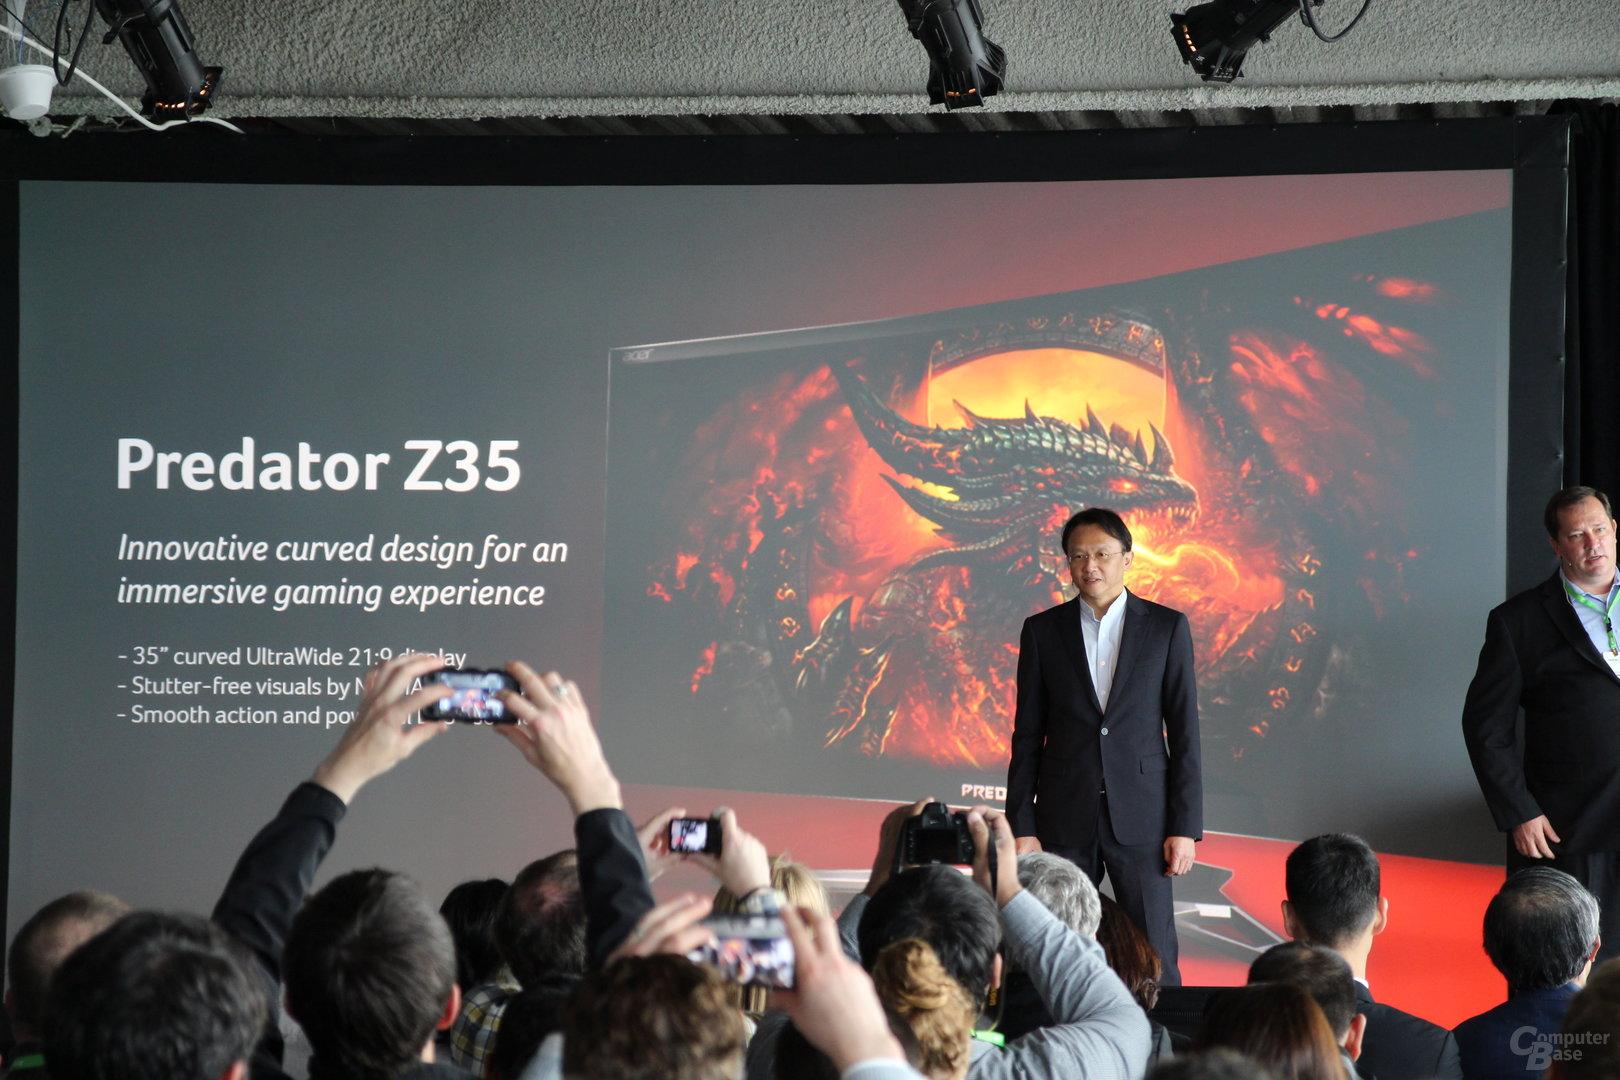 Predator Z35